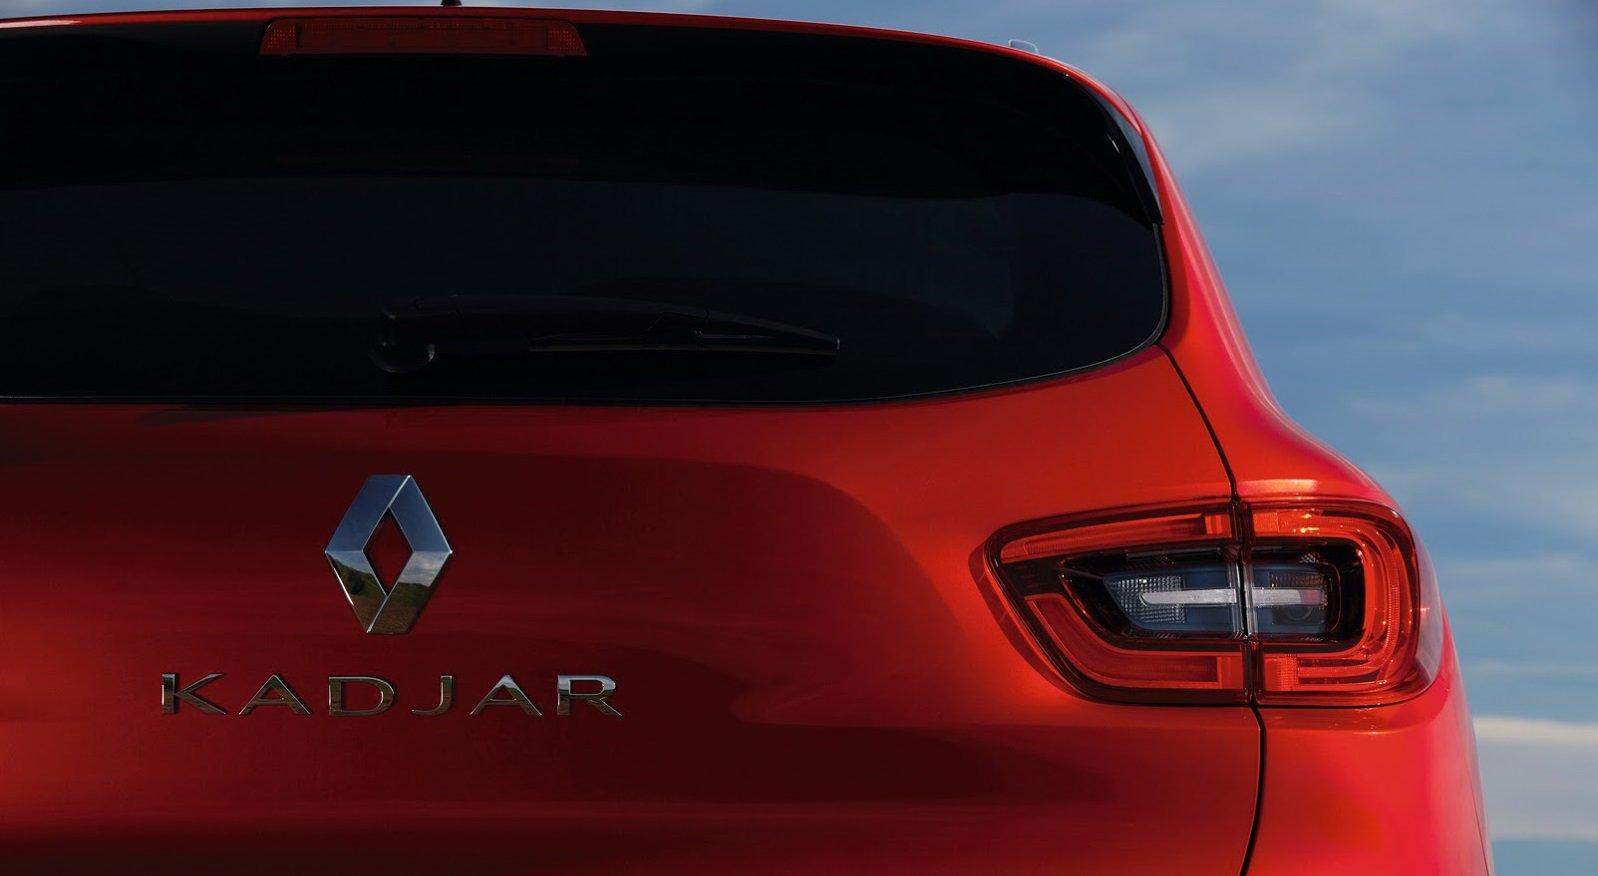 2015 Renault Kadjar, ����� ���������� ��������� �� ���������